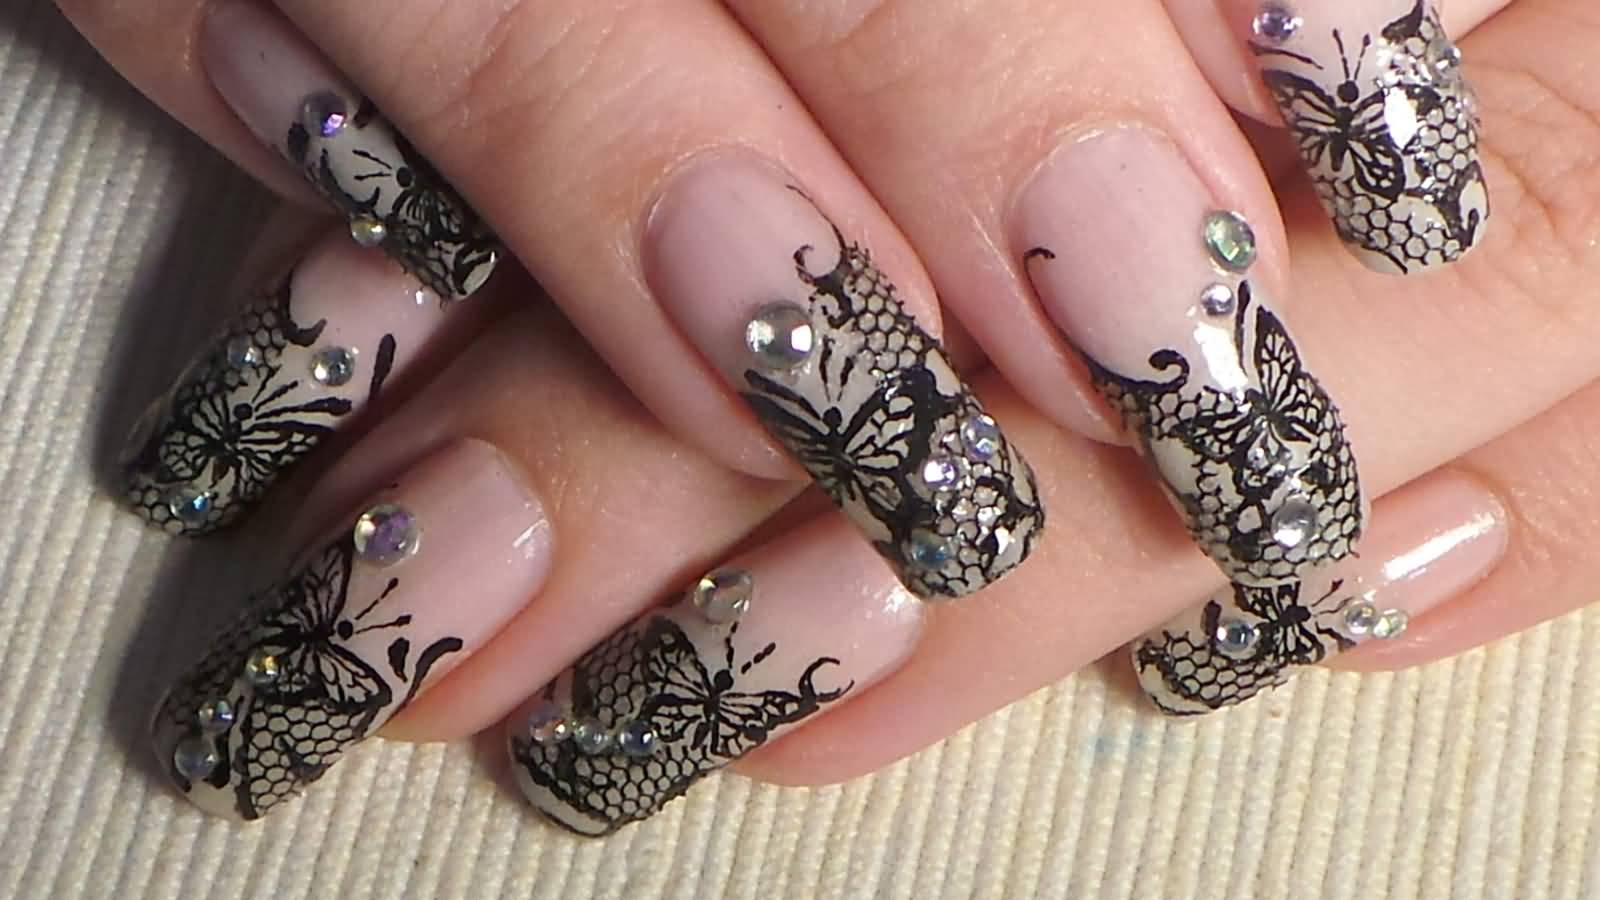 кружево на нарощенных ногтях в картинках самая популярная баница